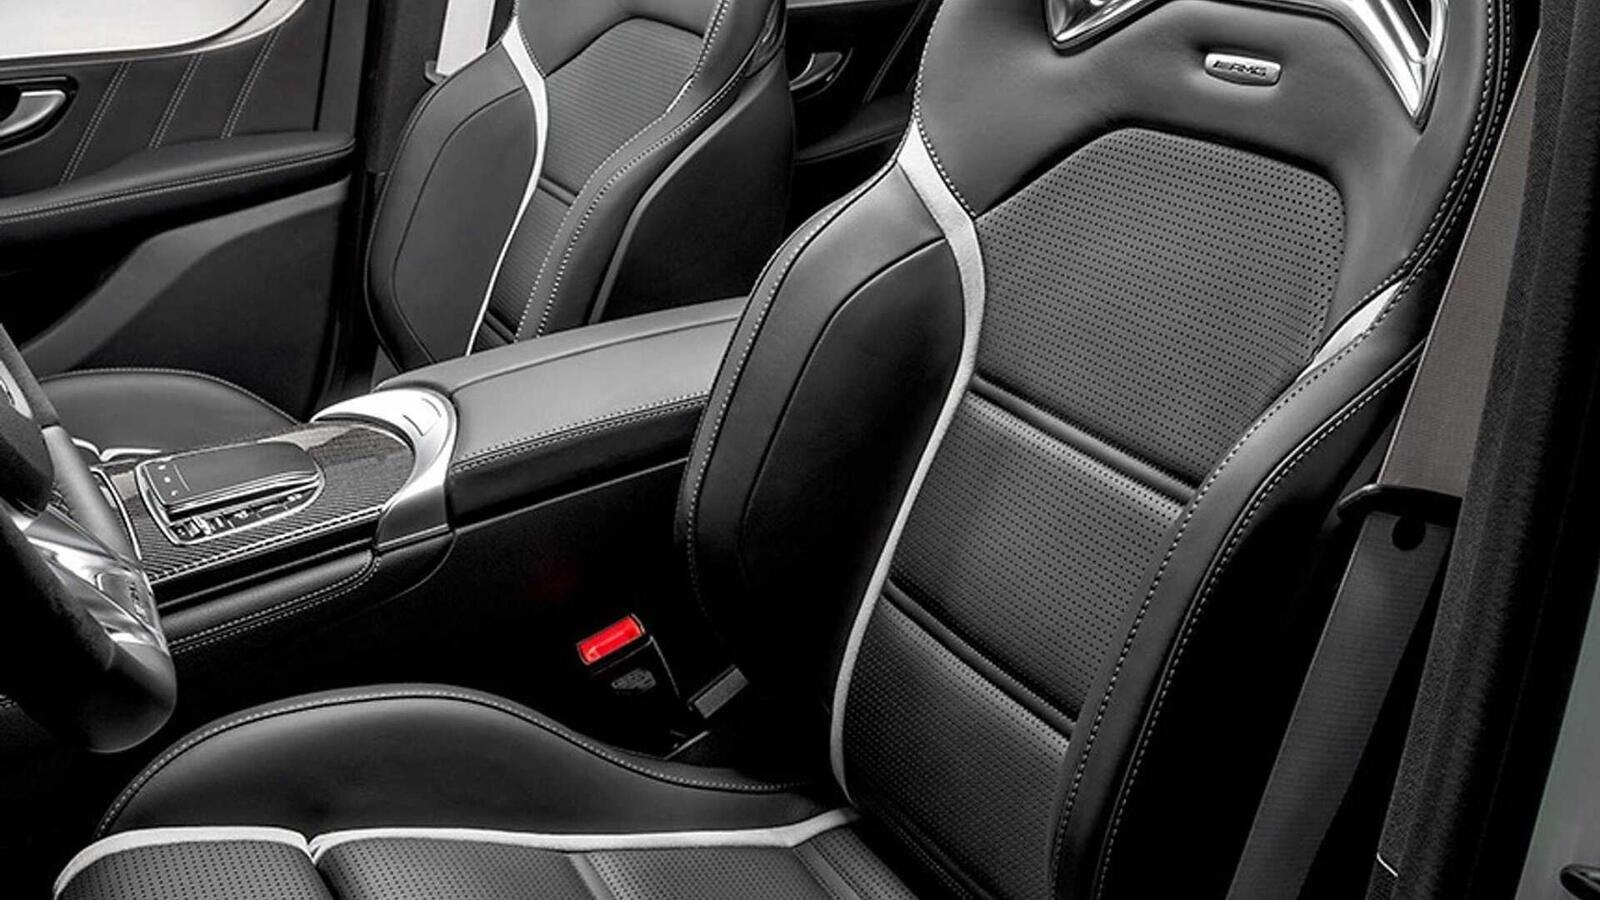 Mercedes-AMG giới thiệu GLC và GLC Coupe 63 mới lắp động cơ V8 4.0L Biturbo mạnh hơn 460 mã lực - Hình 20